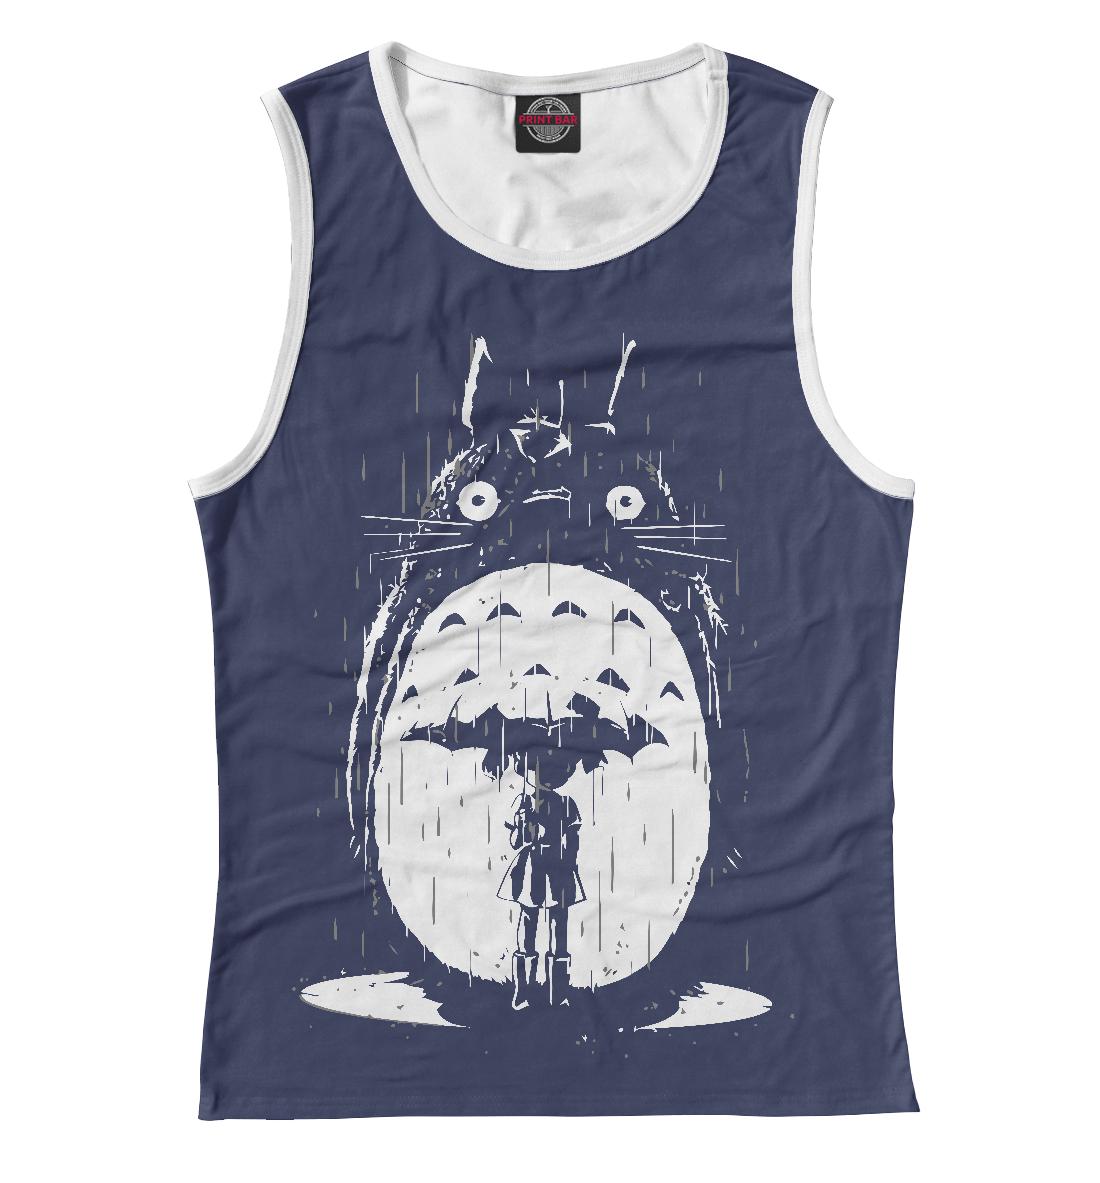 Купить Totoro in Rain, Printbar, Майки, SGH-732282-may-1